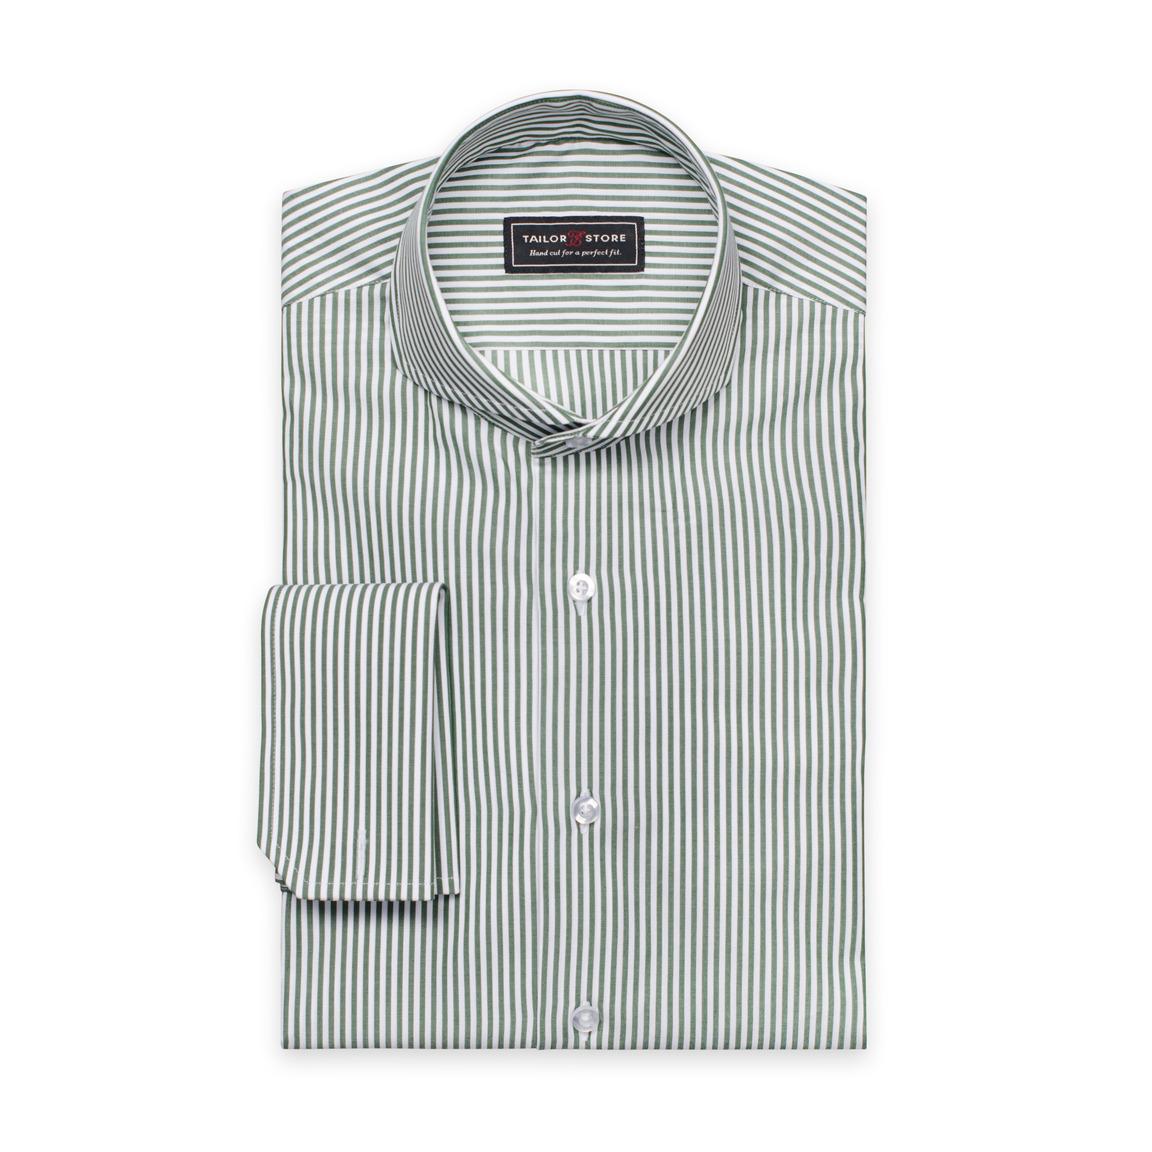 Dunkelgrün/weiß gestreiftes Hemd